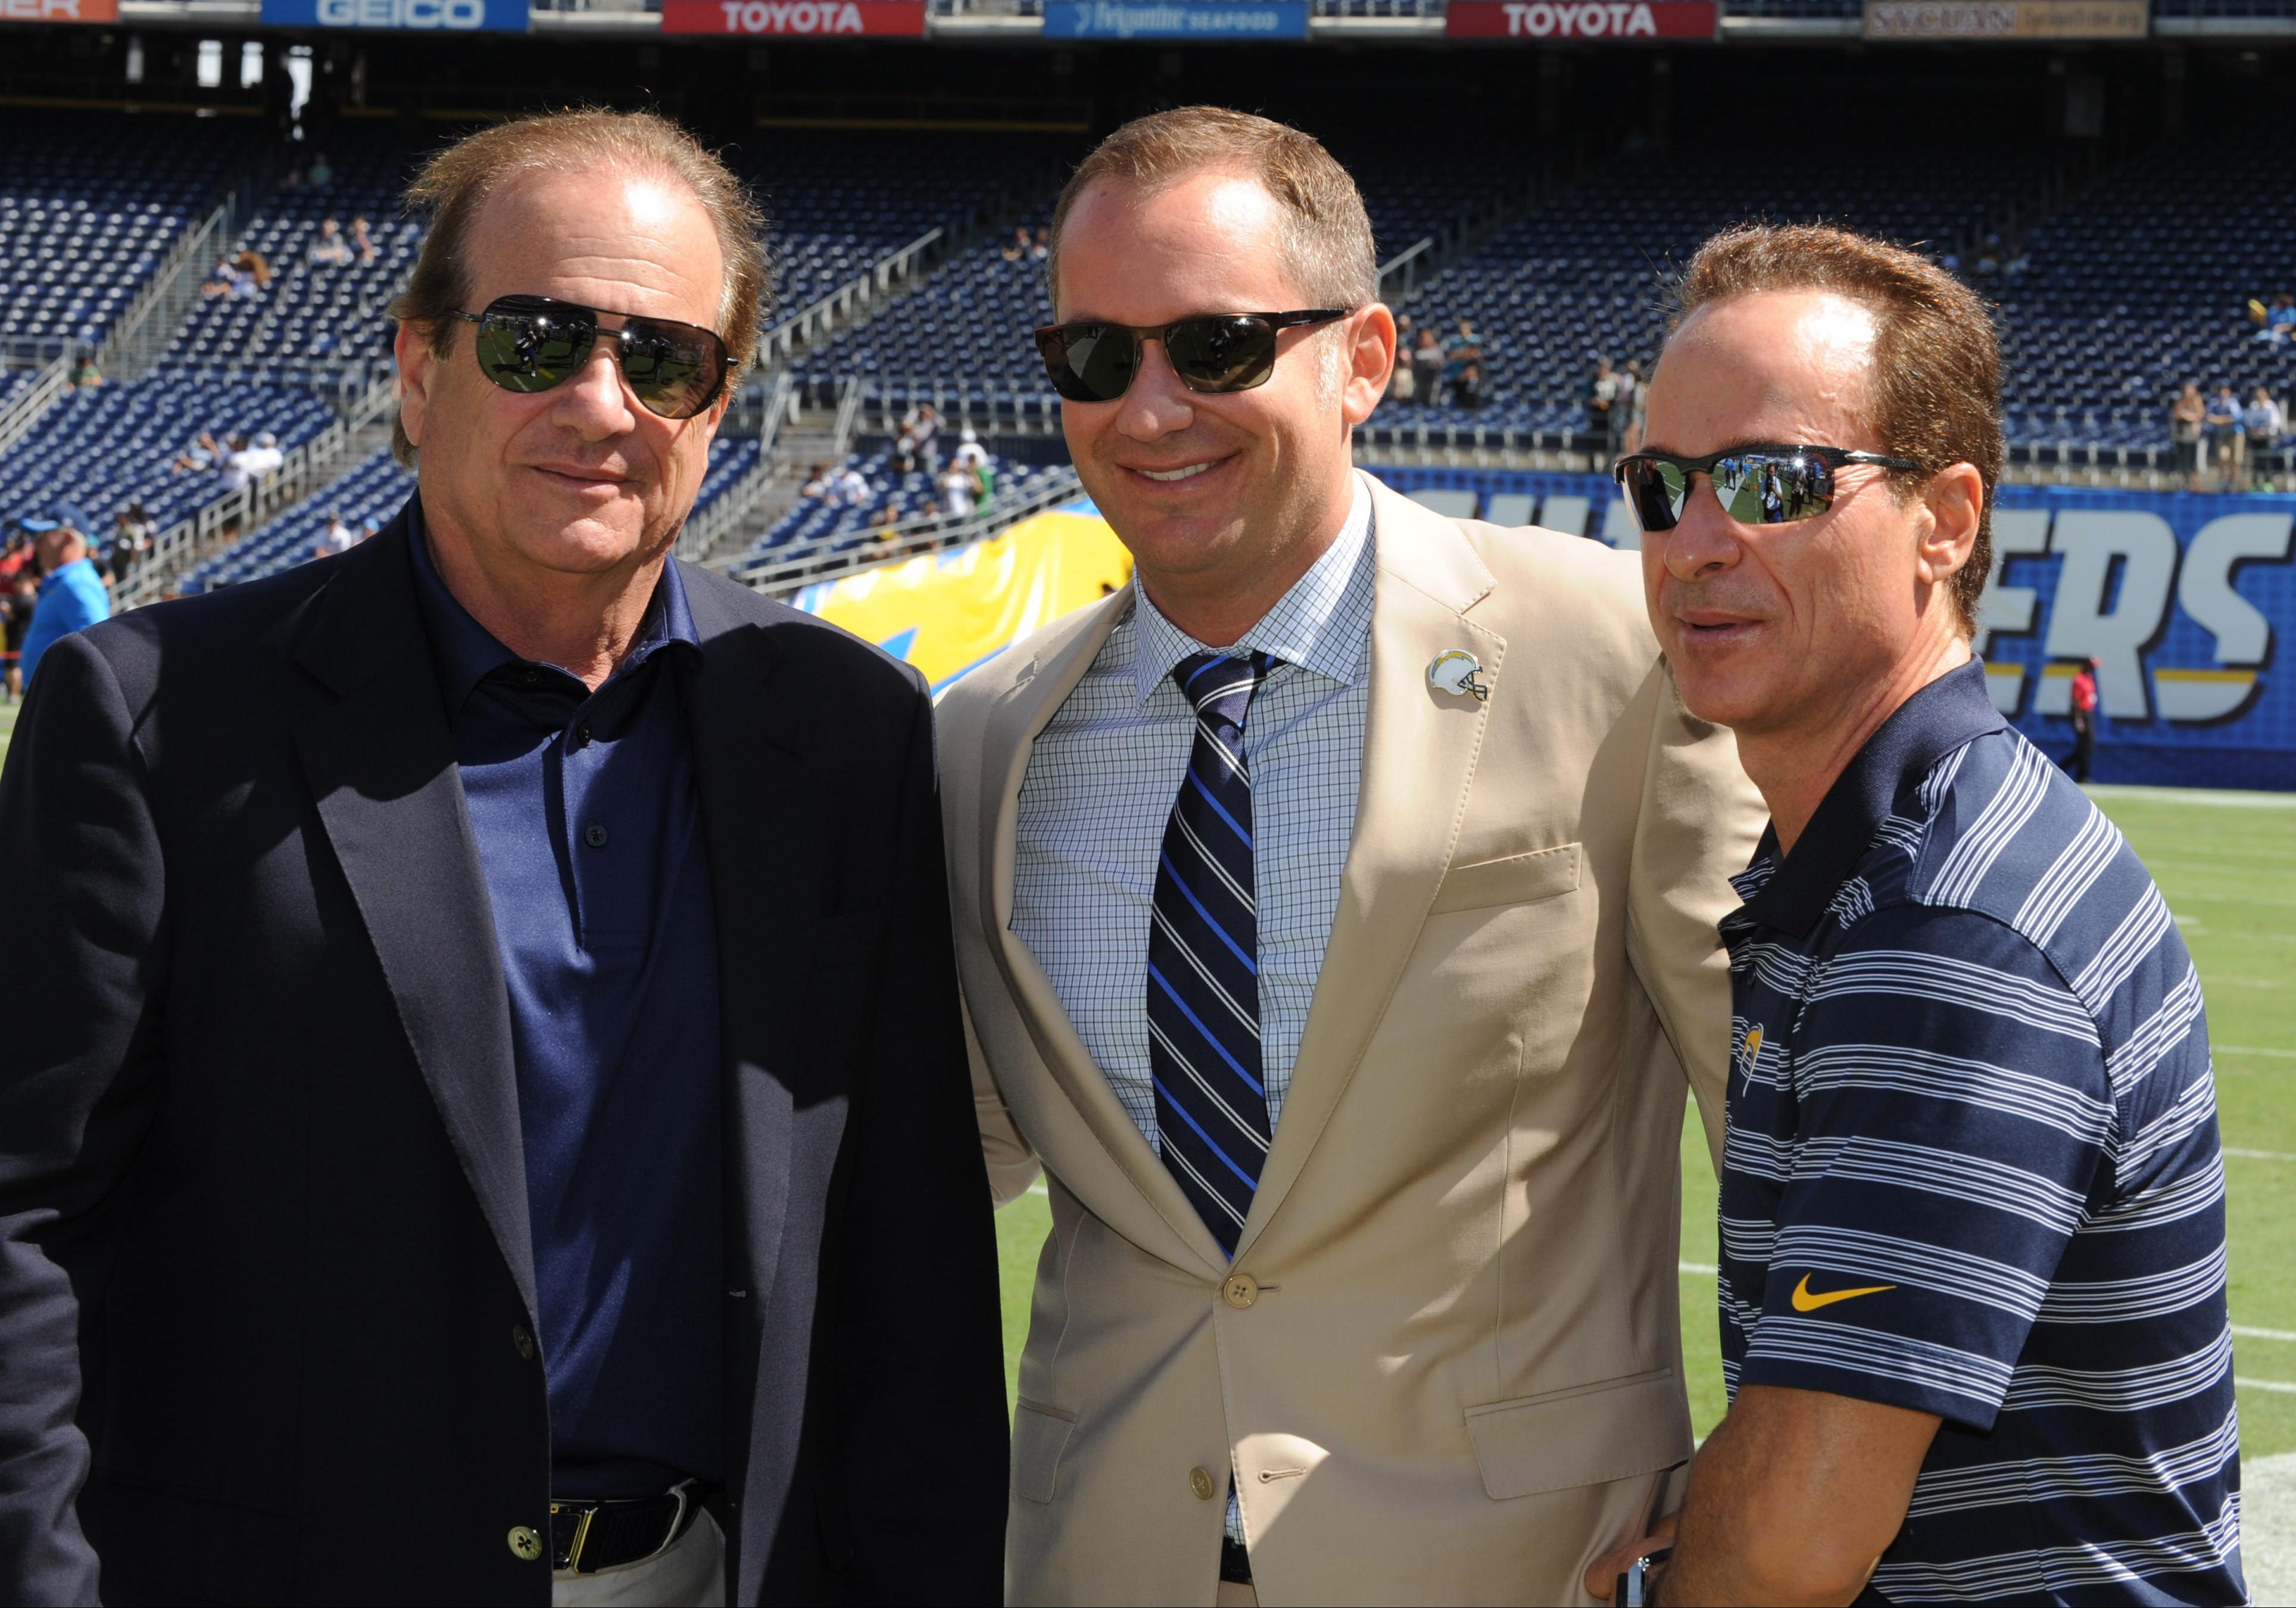 Dean, Michael y A.G. Spanos luego de un partido de la NFL entre los Chargers de San Diego y los Jaguars de Jacksonville en el estadio Qualcomm. (Crédito: Tom Walko/Icon Sportswire/Corbis via Getty Images)